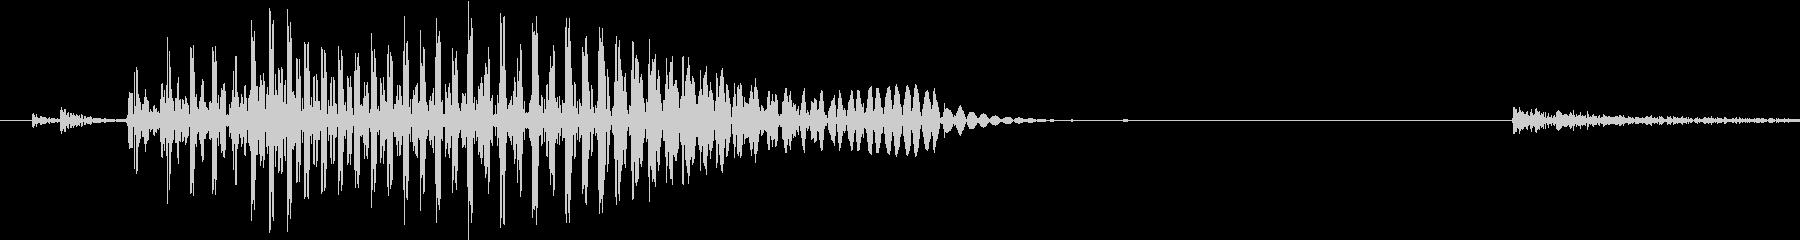 アウト!女の子の声の未再生の波形